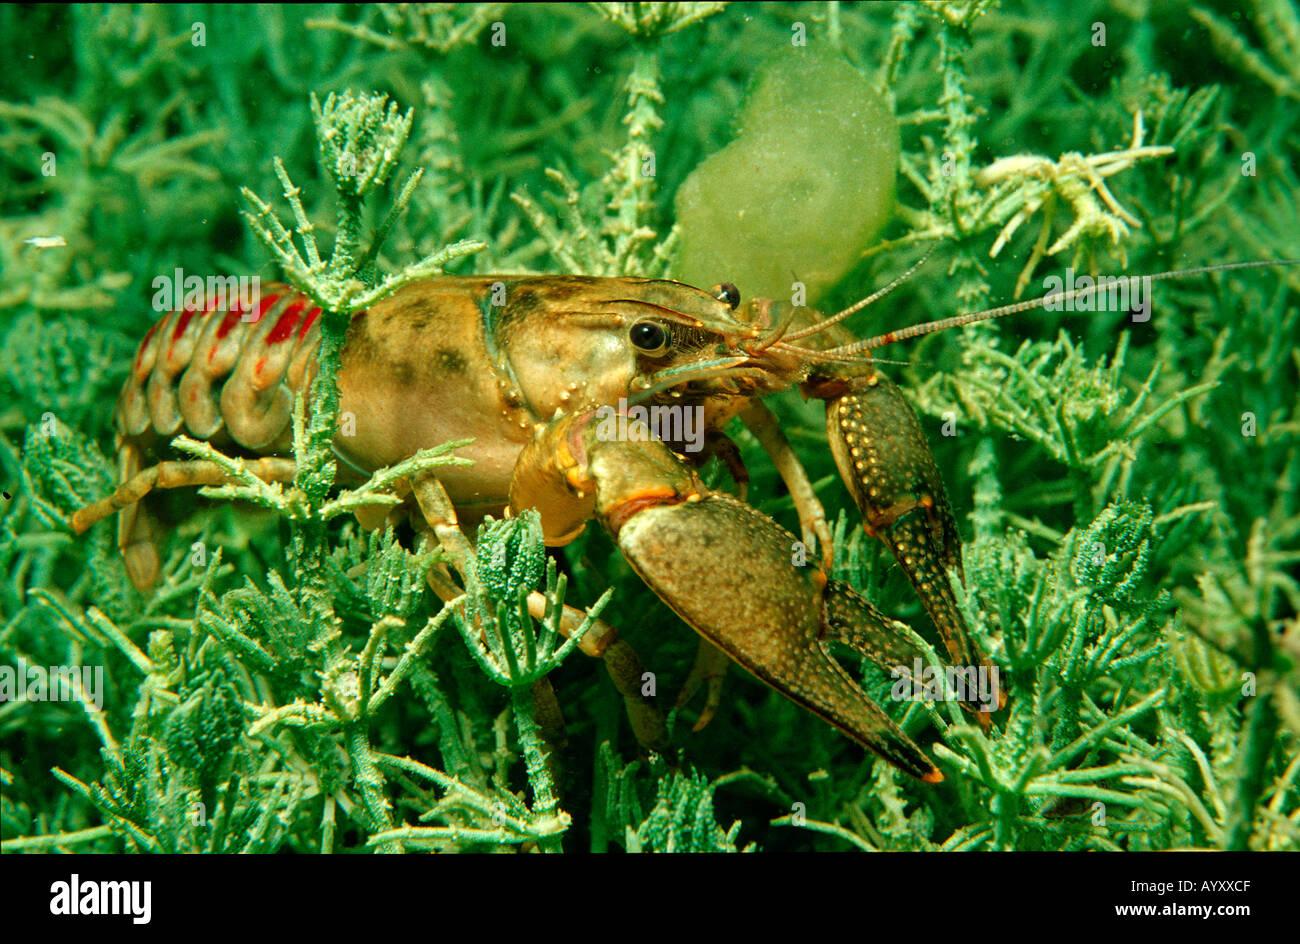 Horoscope for Crayfish 2018 52